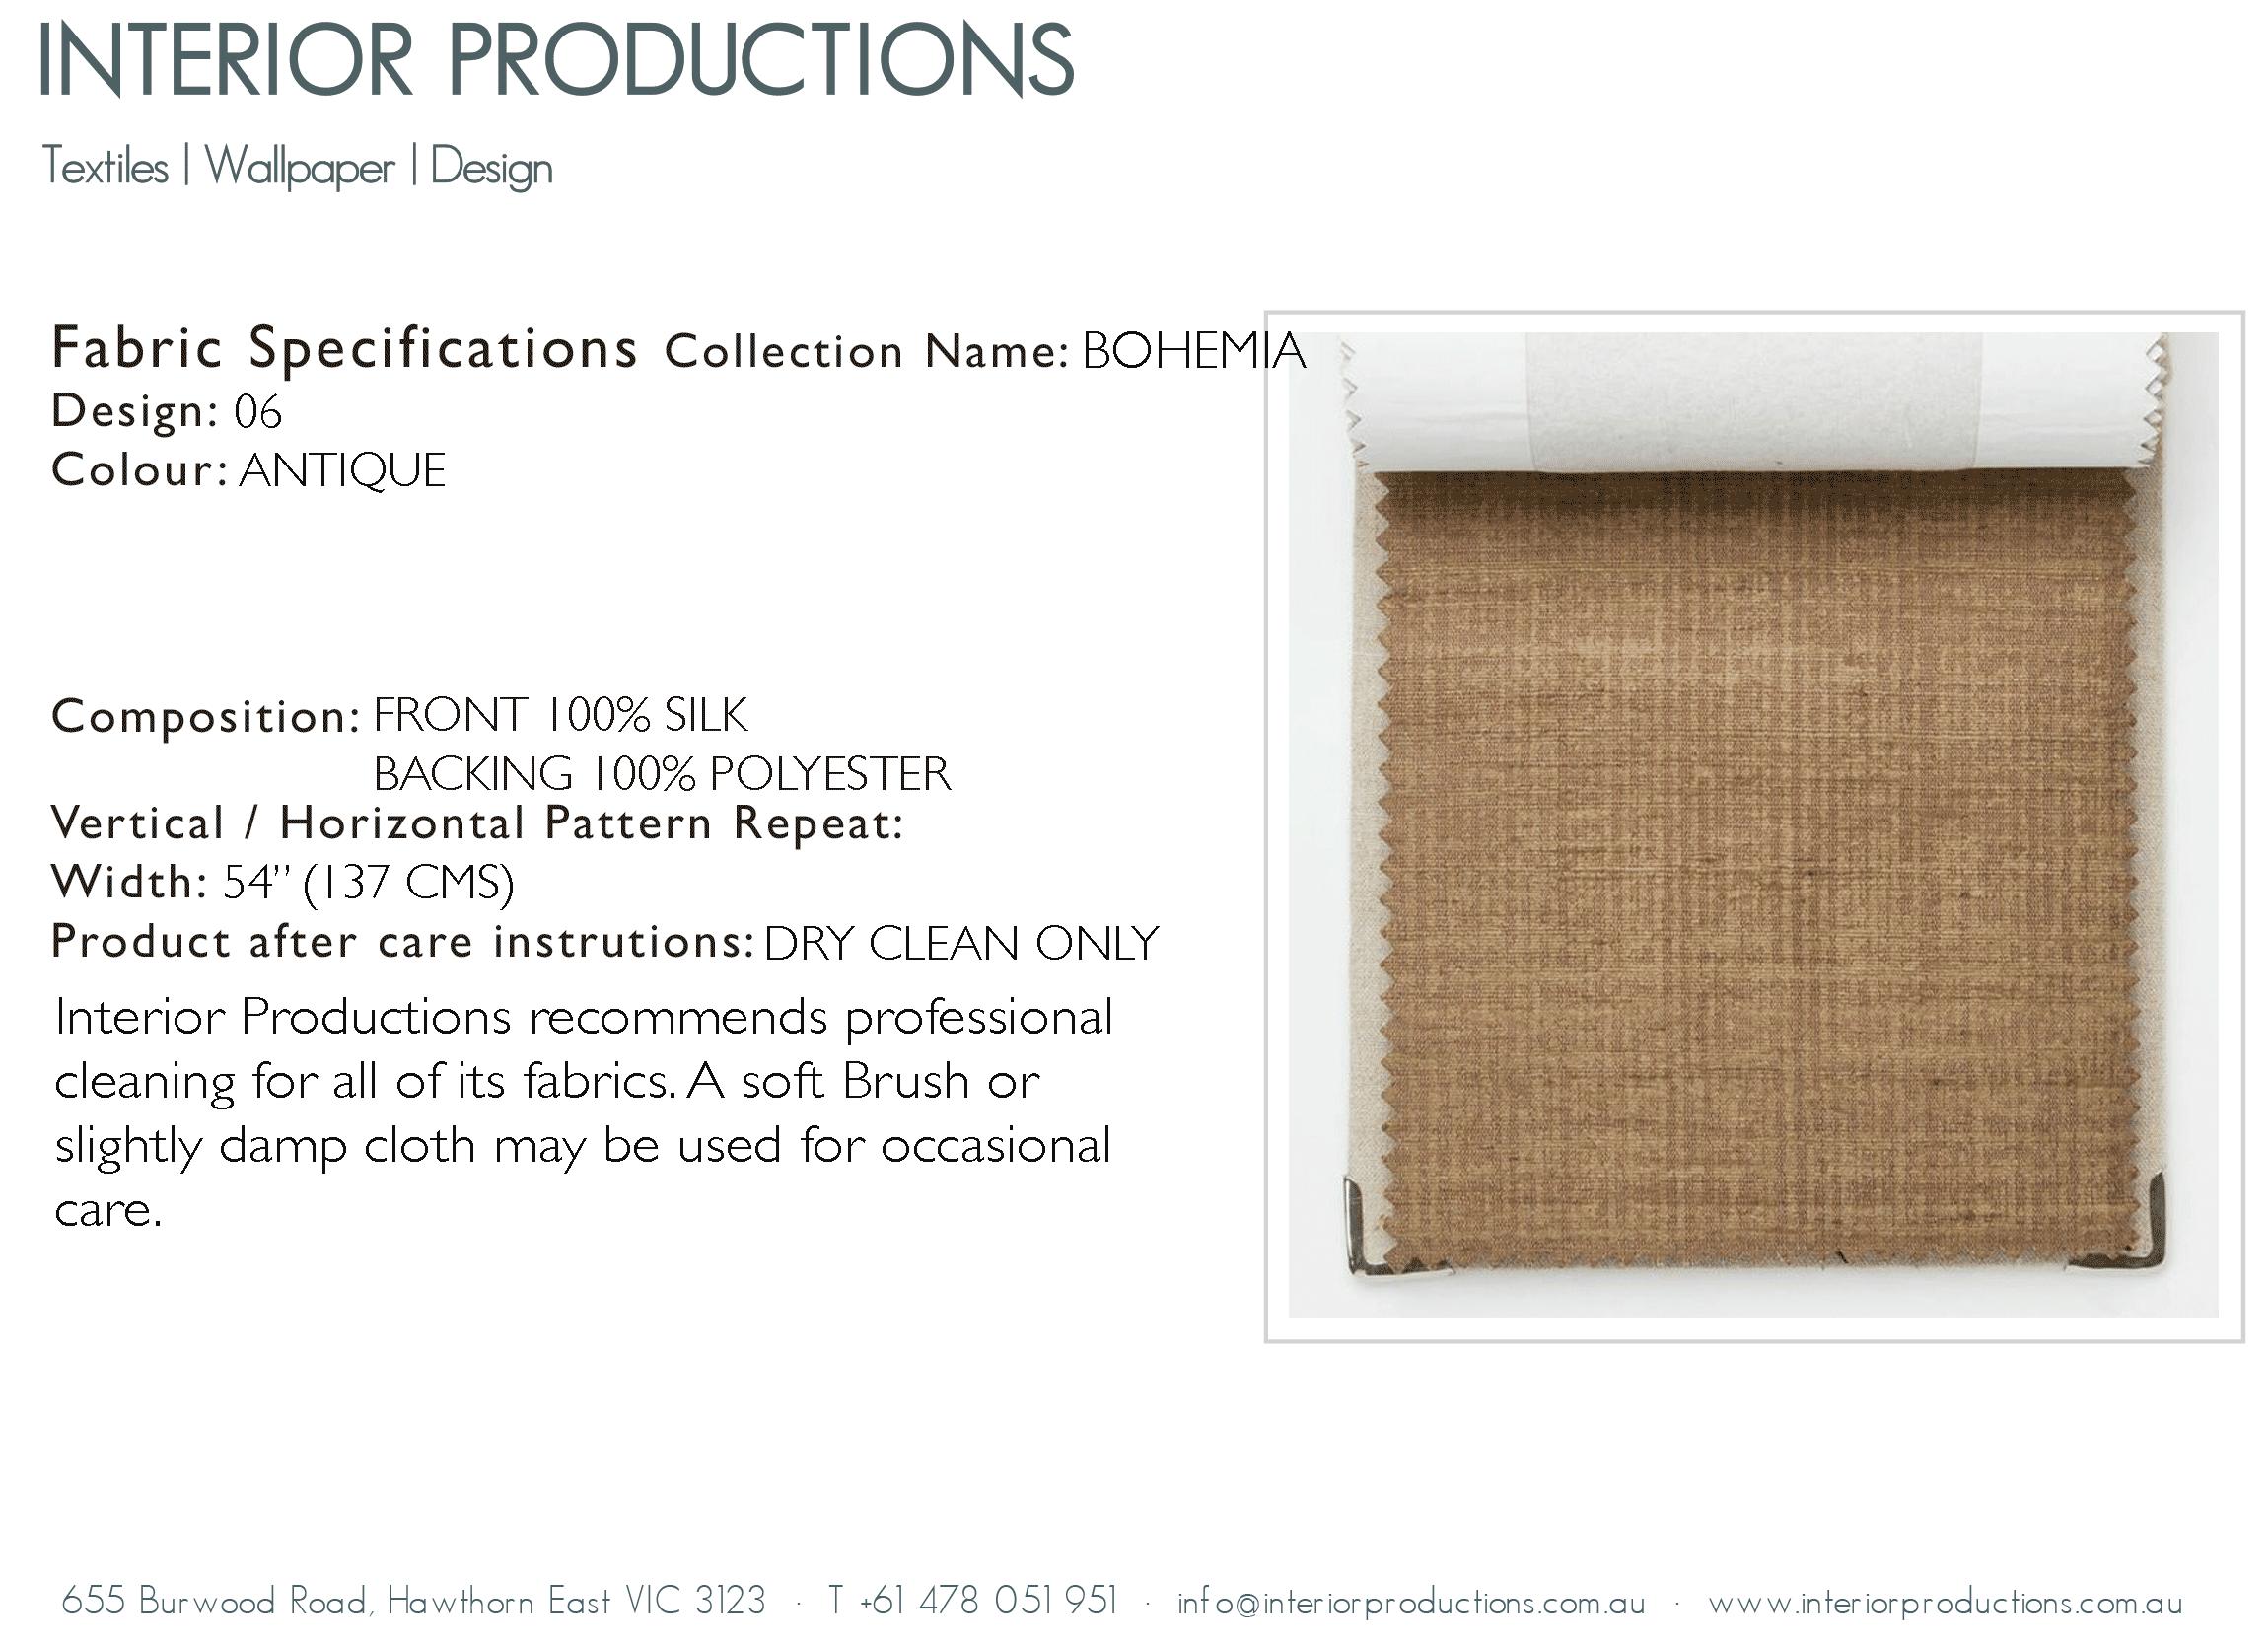 interior_productions_06---ANTIQUE